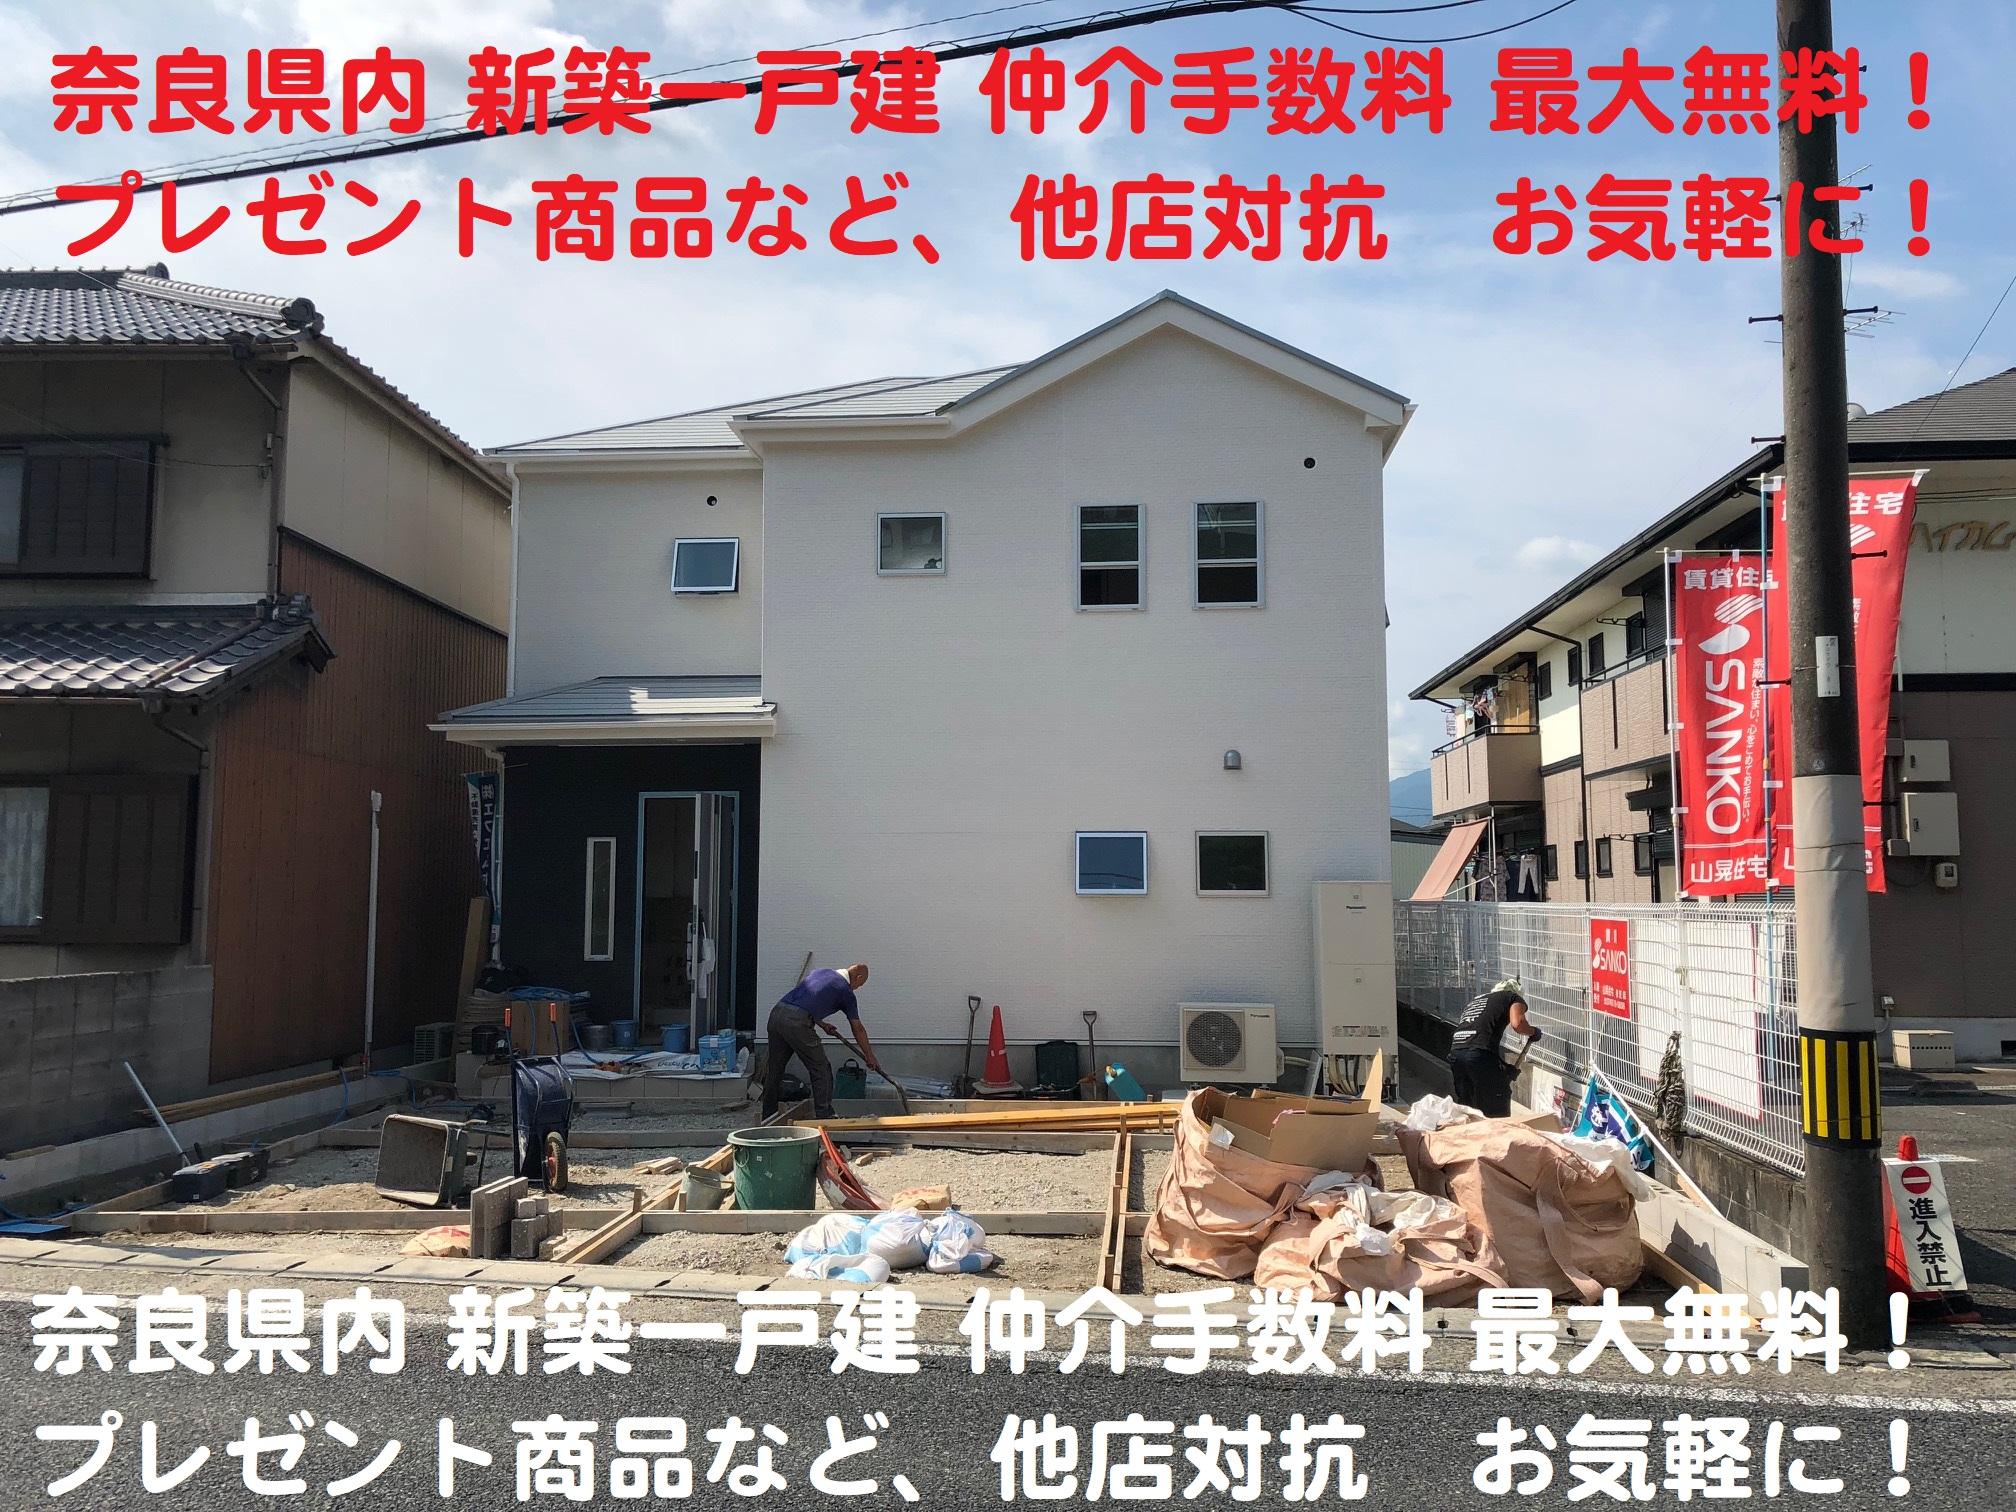 奈良県 香芝市 新築 お買い得 ビート住建 仲介手数料 最大無料 値引き、値下げ 大歓迎!